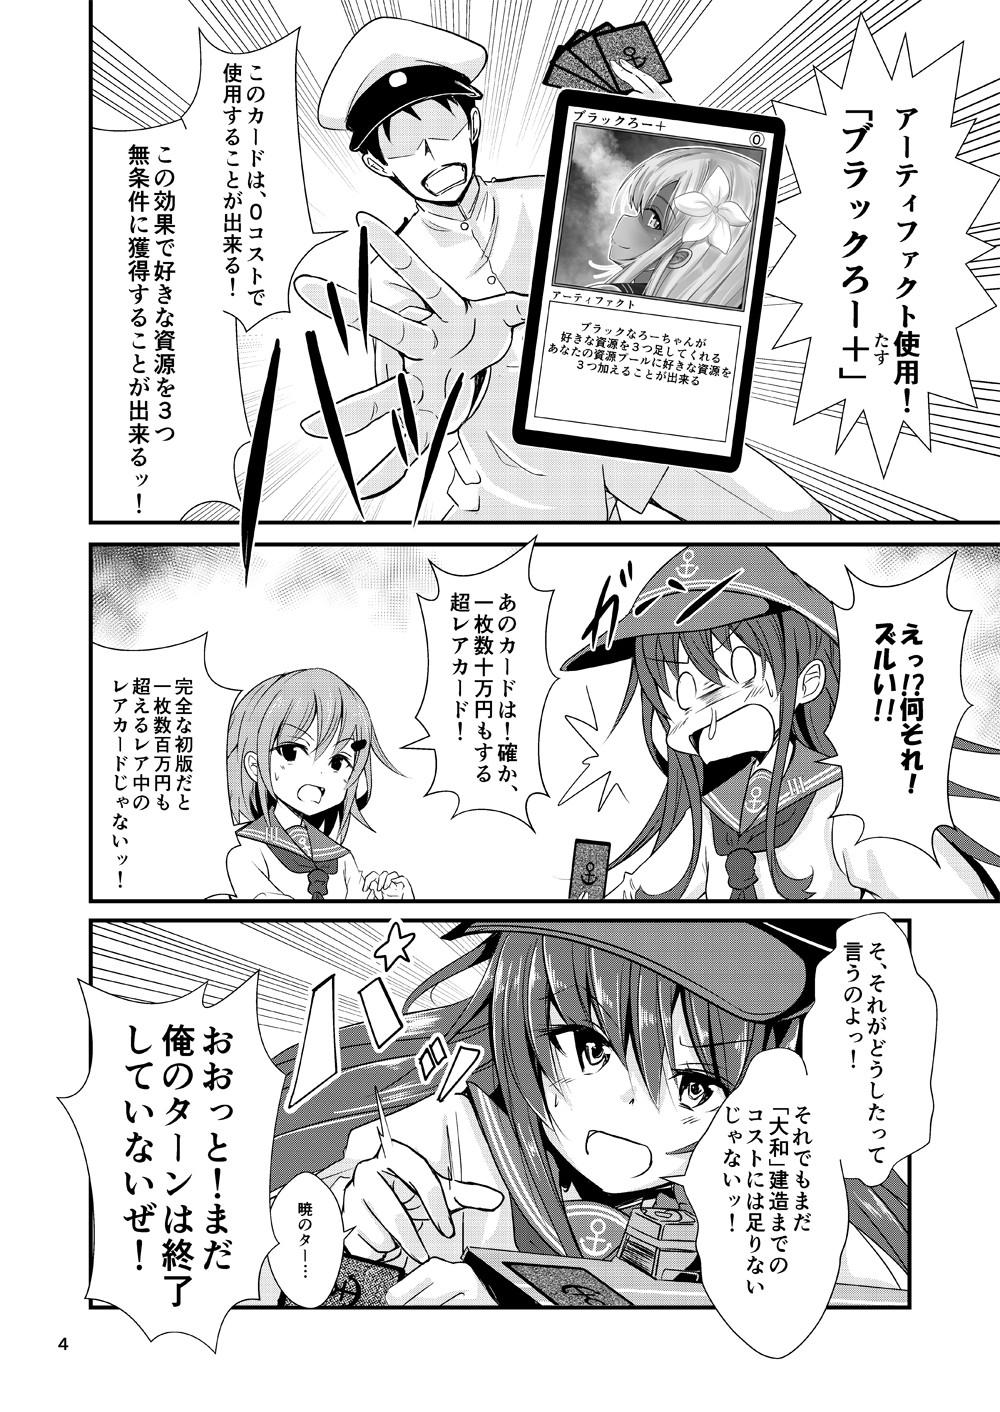 ゲームマスター響〜ドミニオン編〜のサンプル画像2